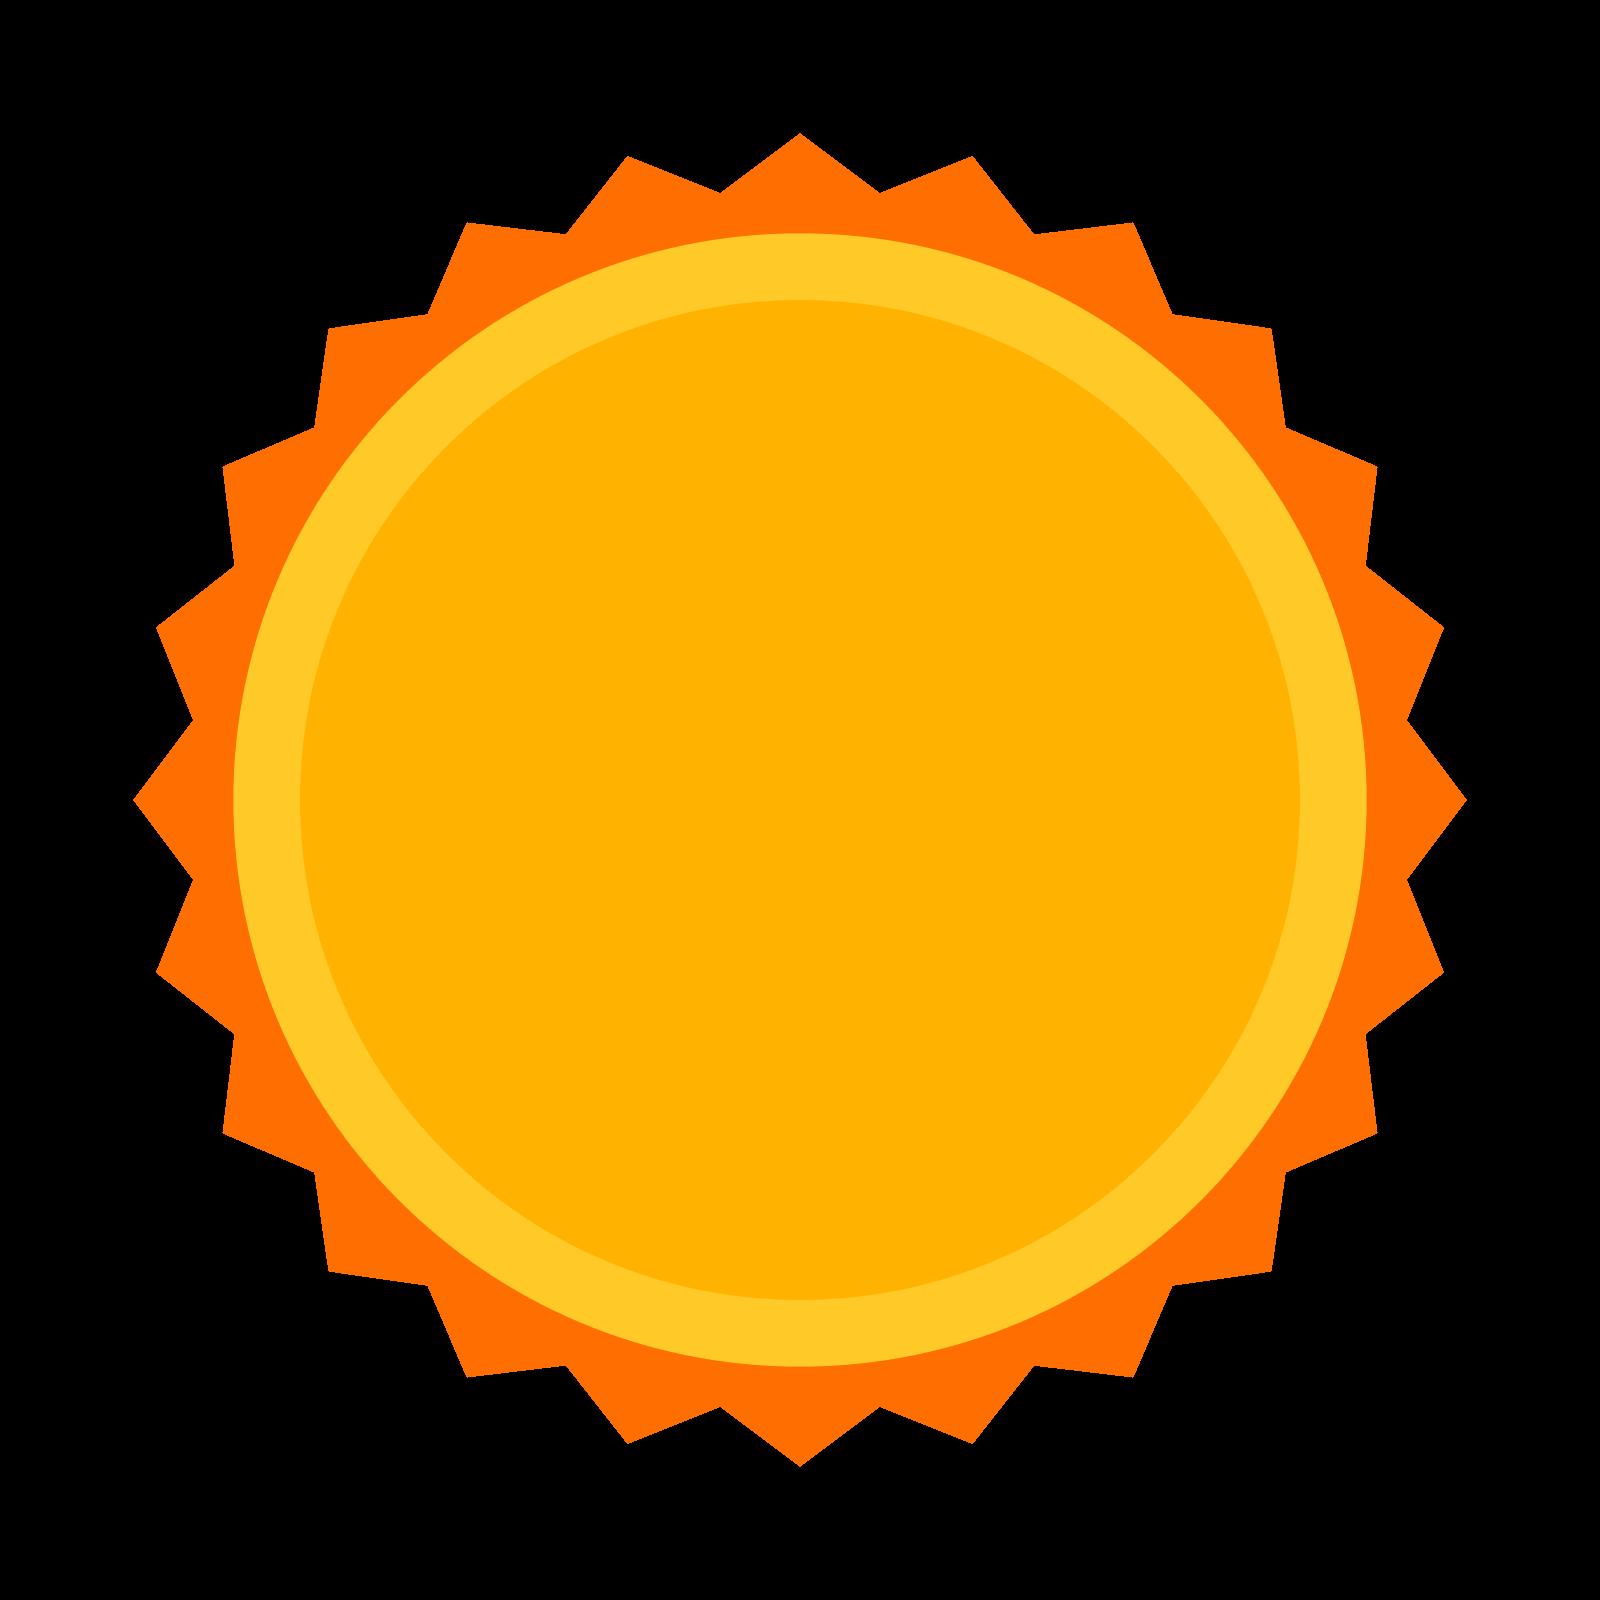 Star kostenloser download und. Sun icon png